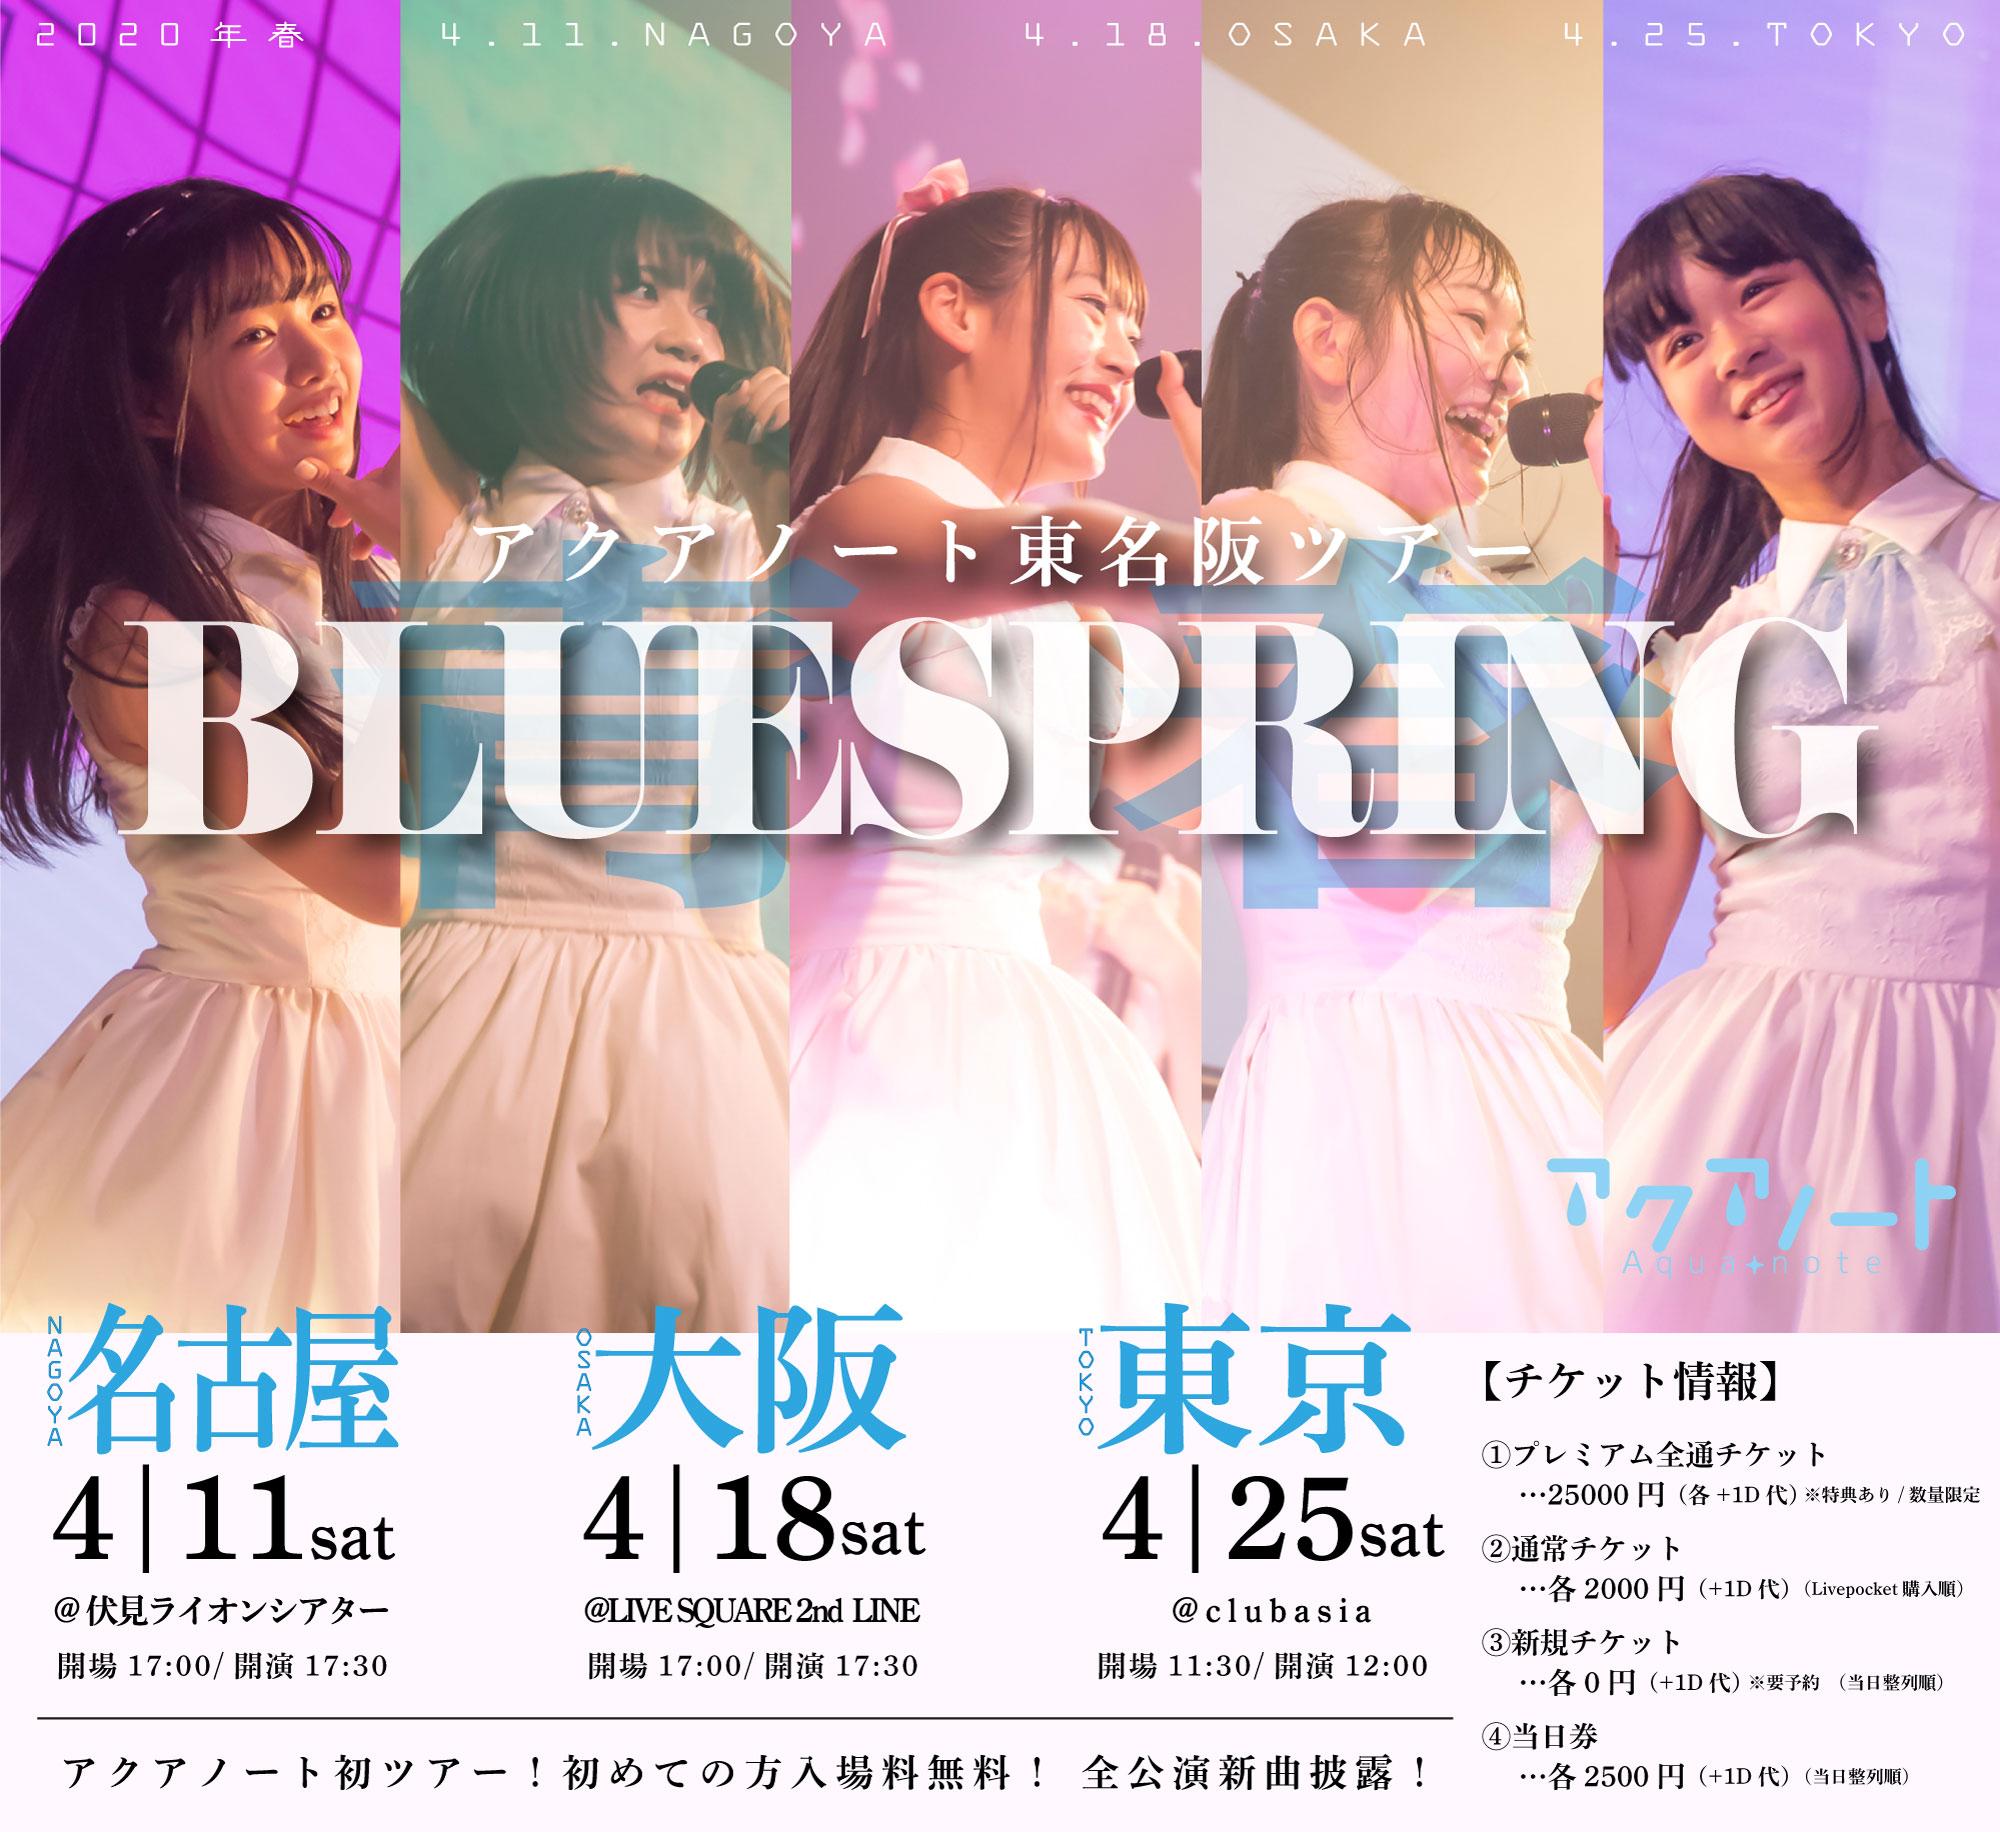 アクアノート東名阪ツアー~BLUESPRING~ 東京公演